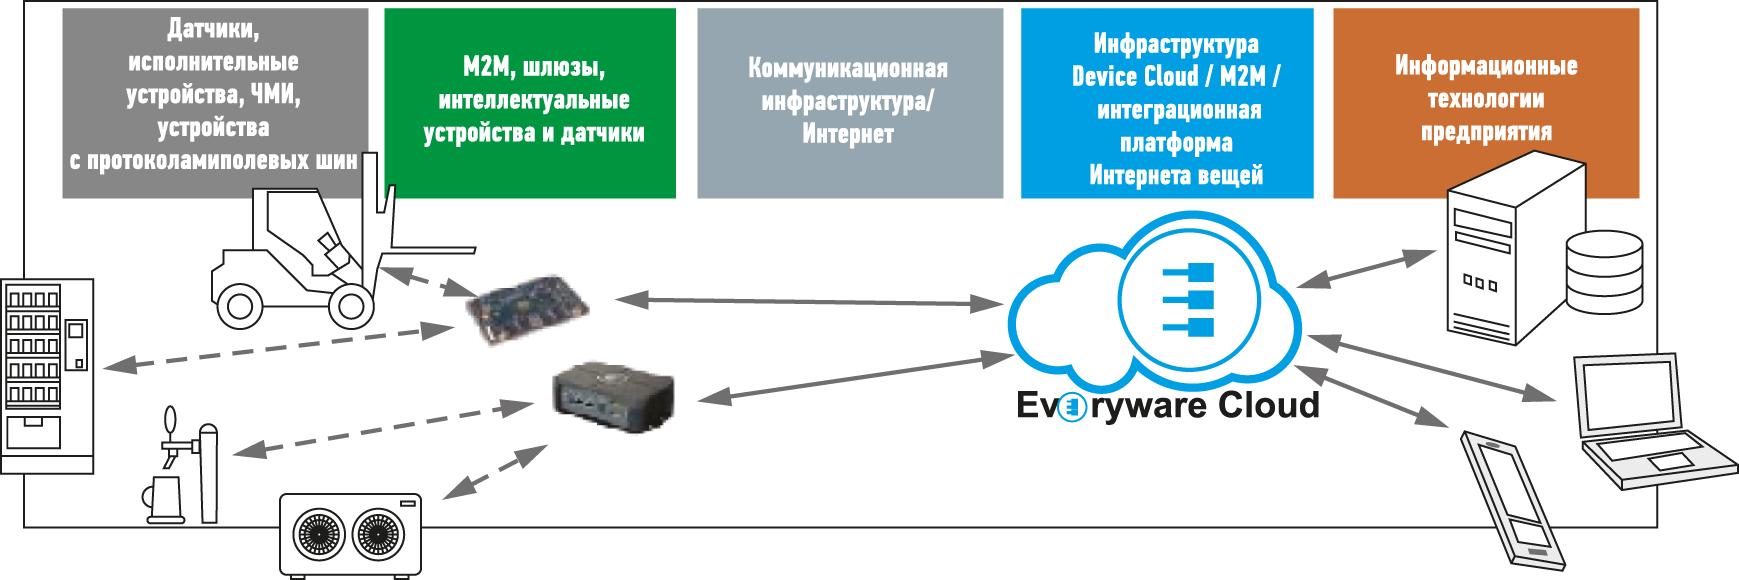 Eurotech IoT